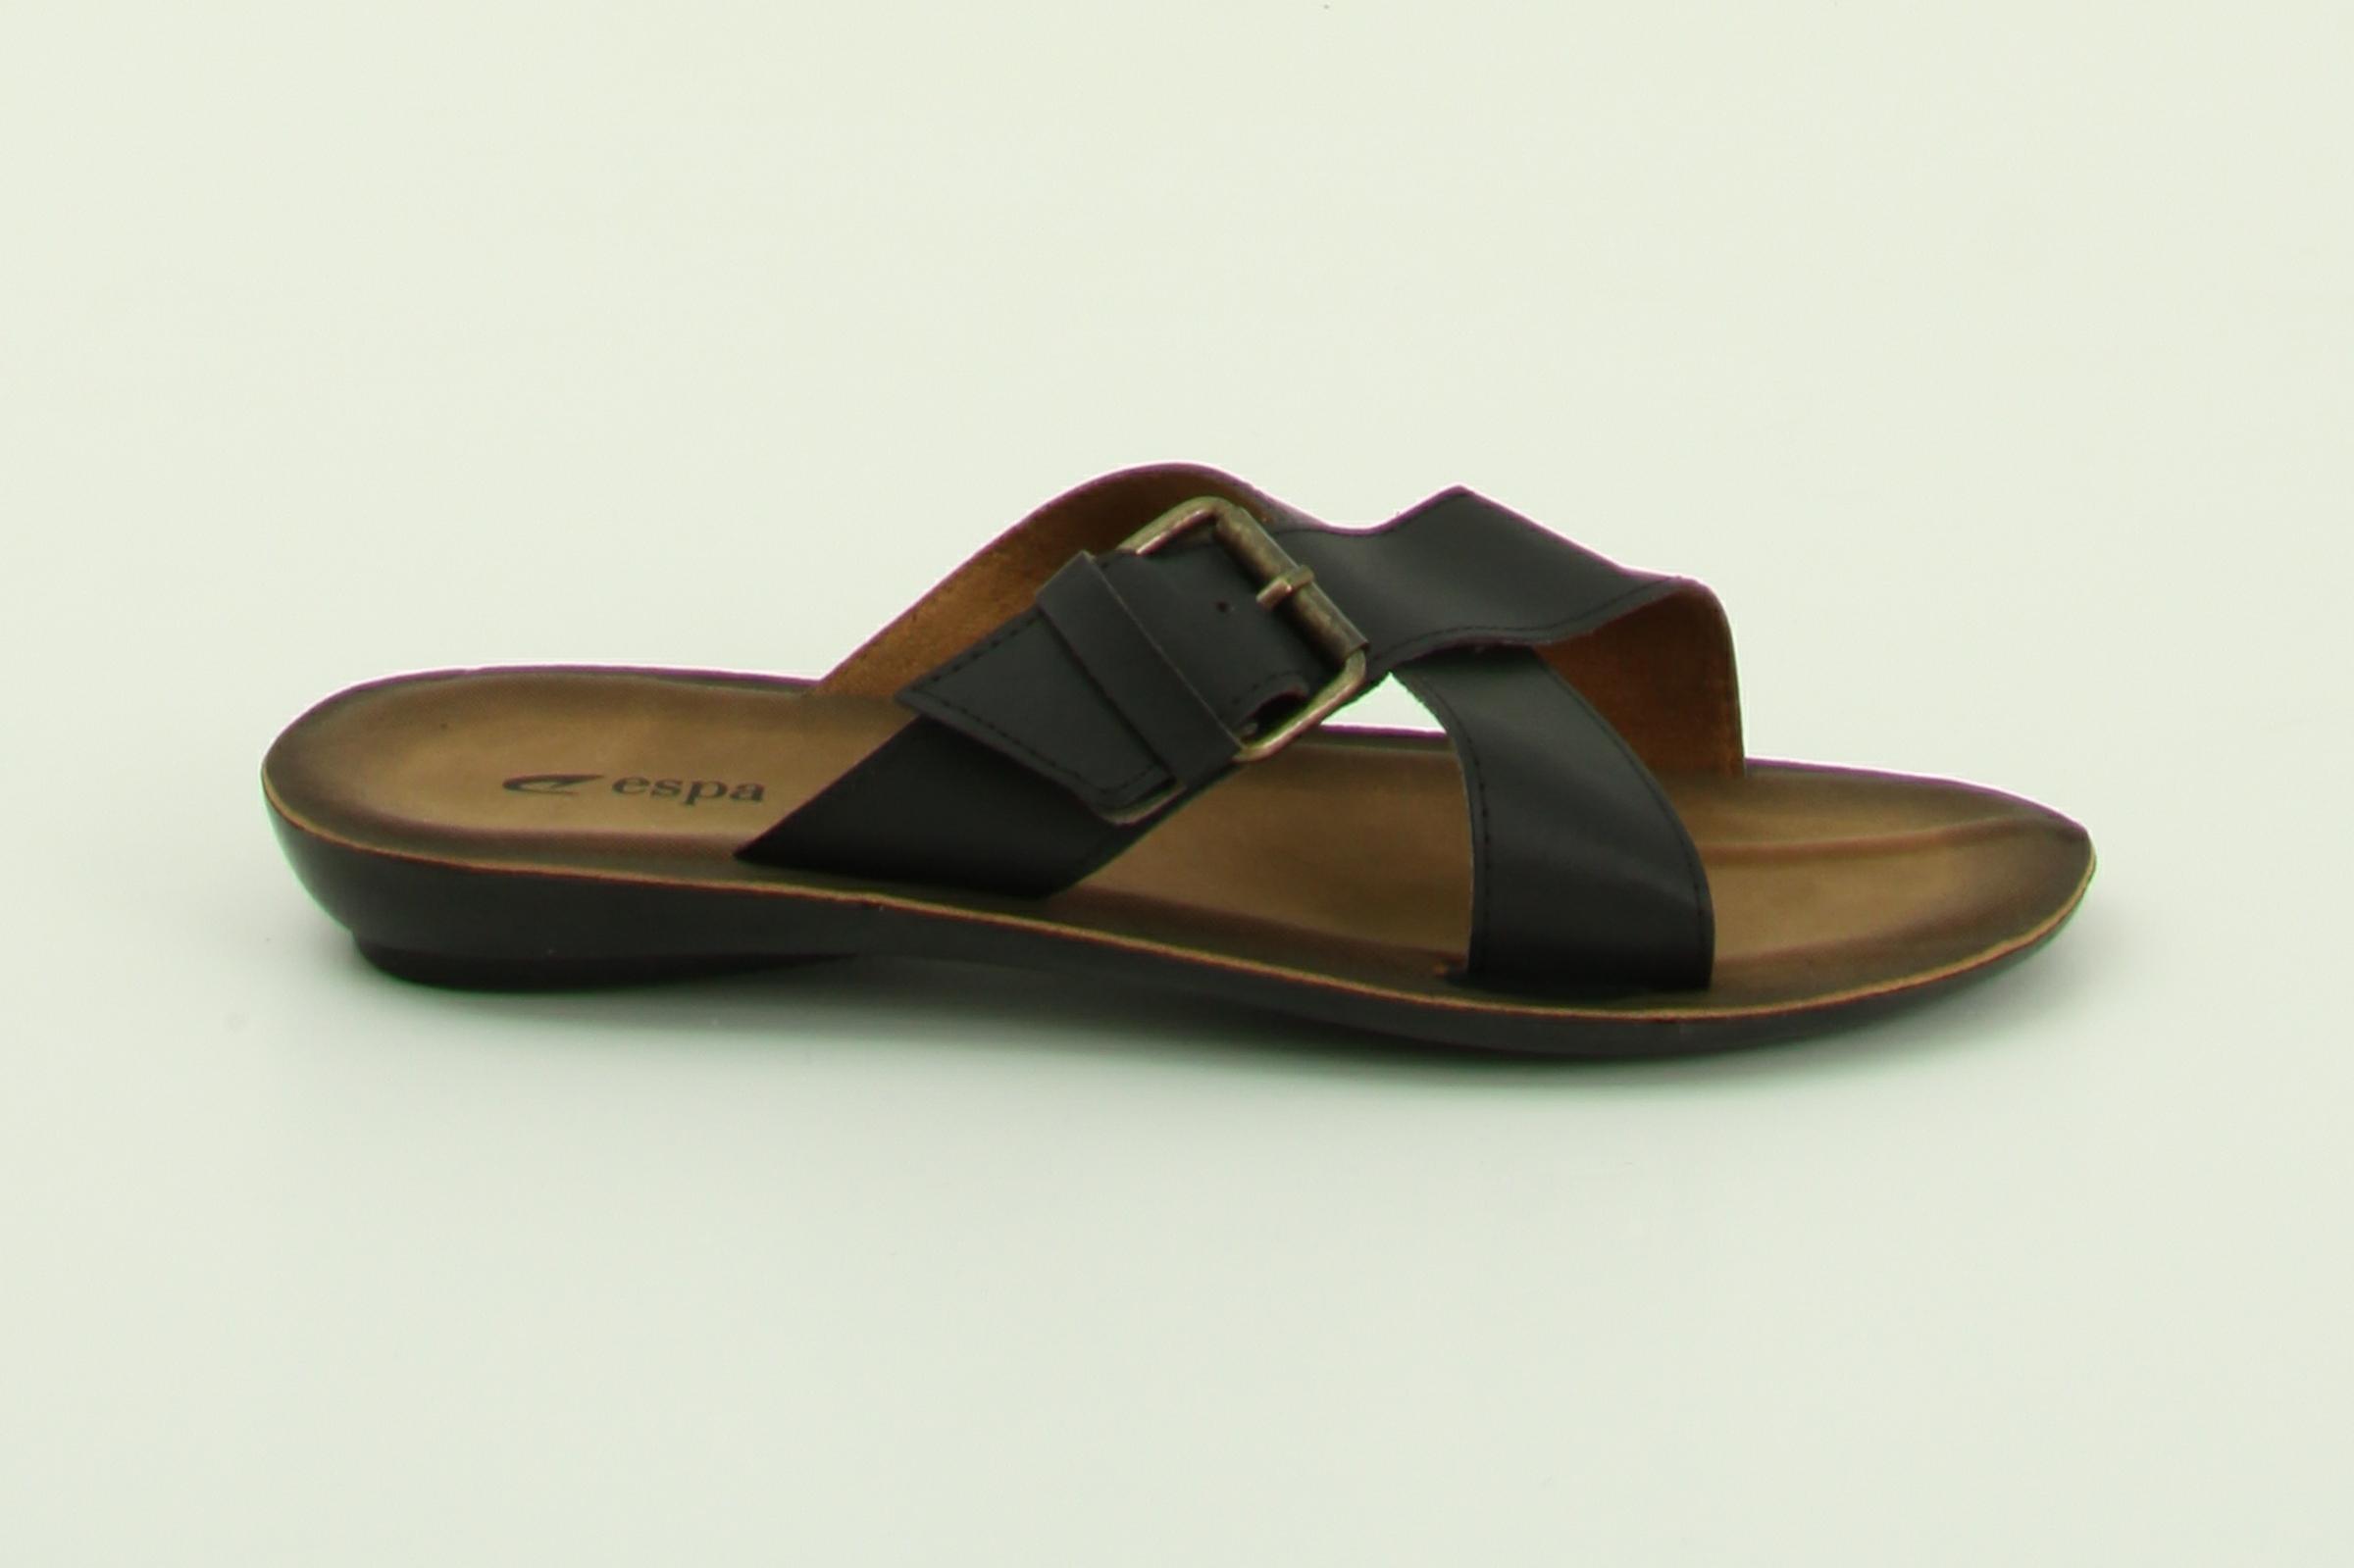 6cf6c94c01c3 Распродажа обуви - Ламода интернет магазин одежды и обуви распродажа